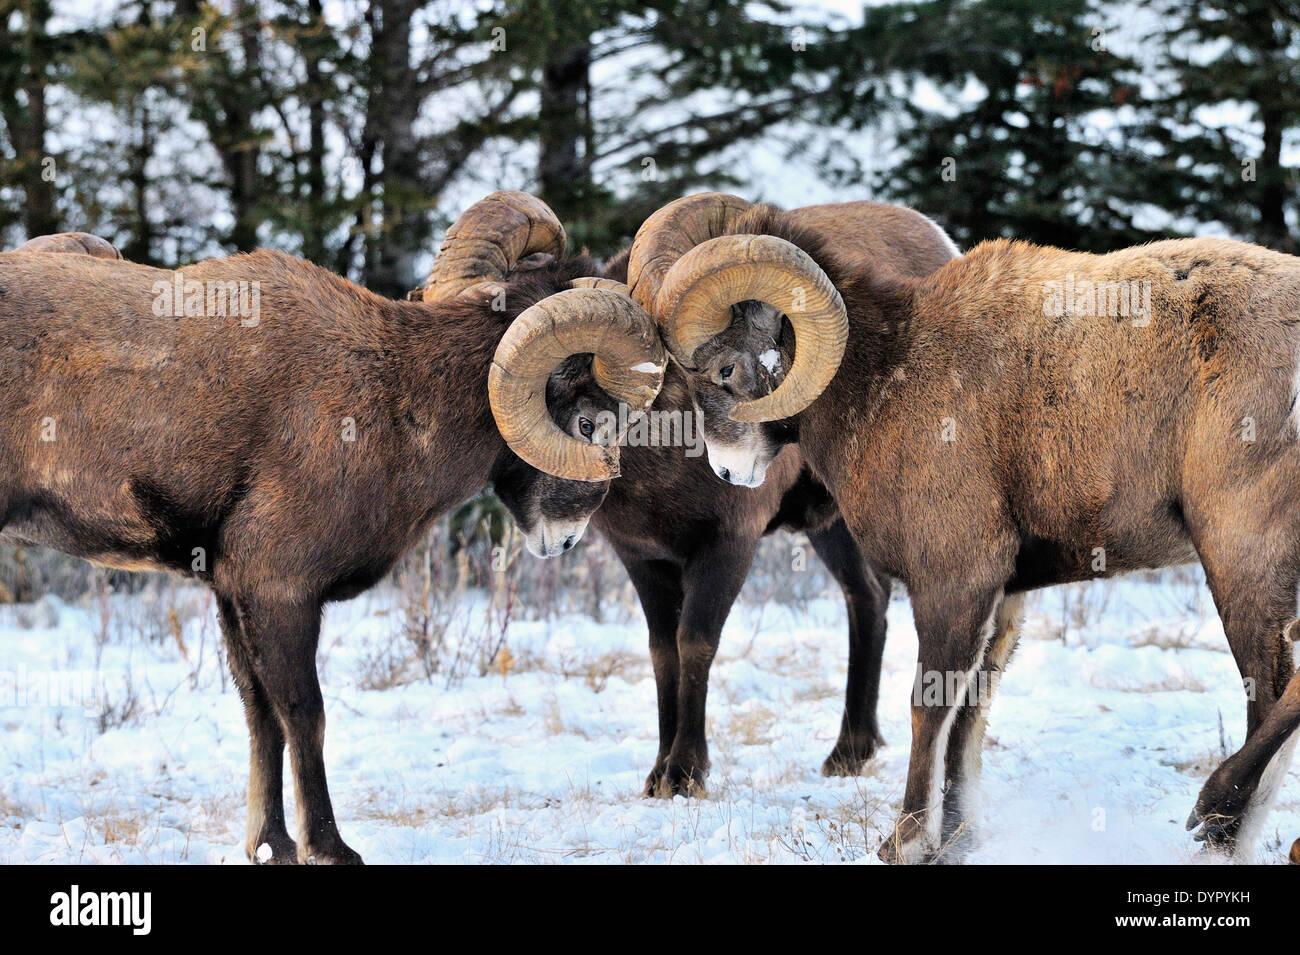 Un gruppo di Bighorn sfidandosi in una testa concorso di attestatura Immagini Stock